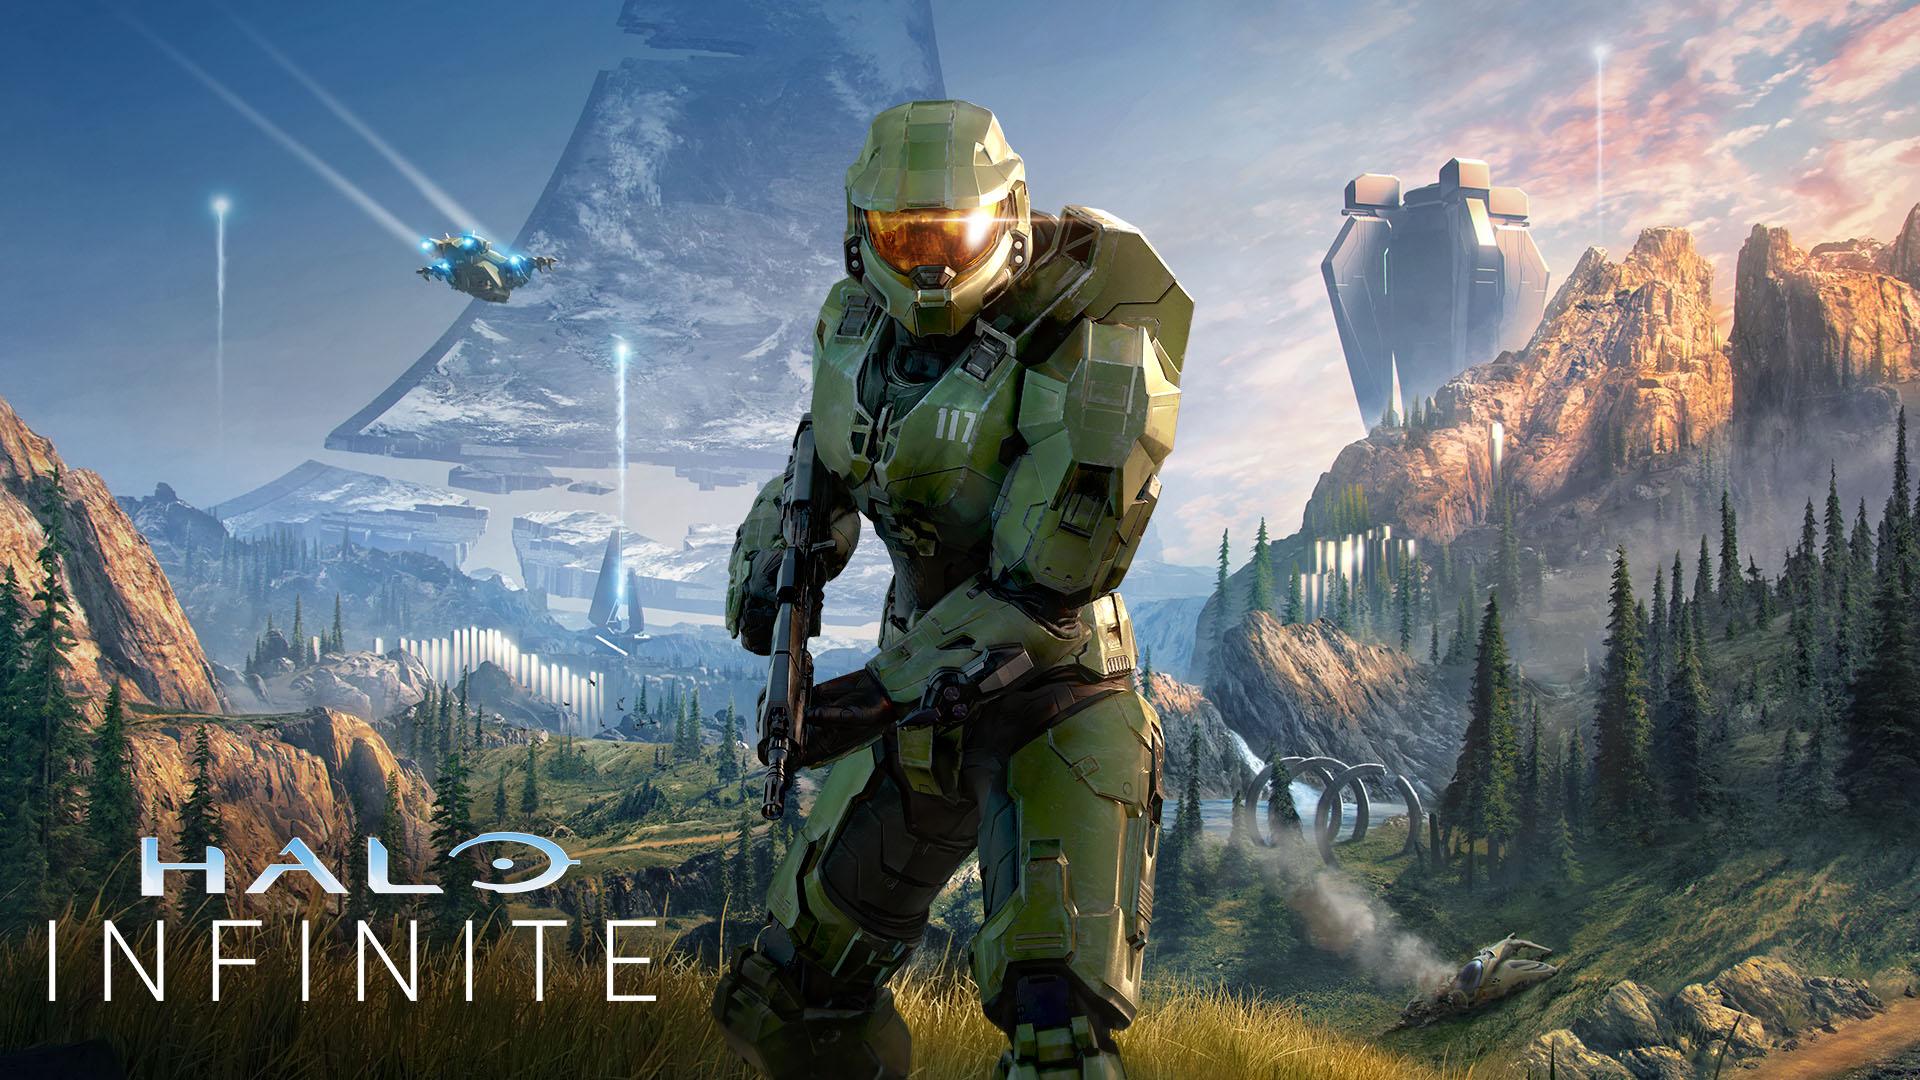 Halo Infinite : Date de sortie et trailer